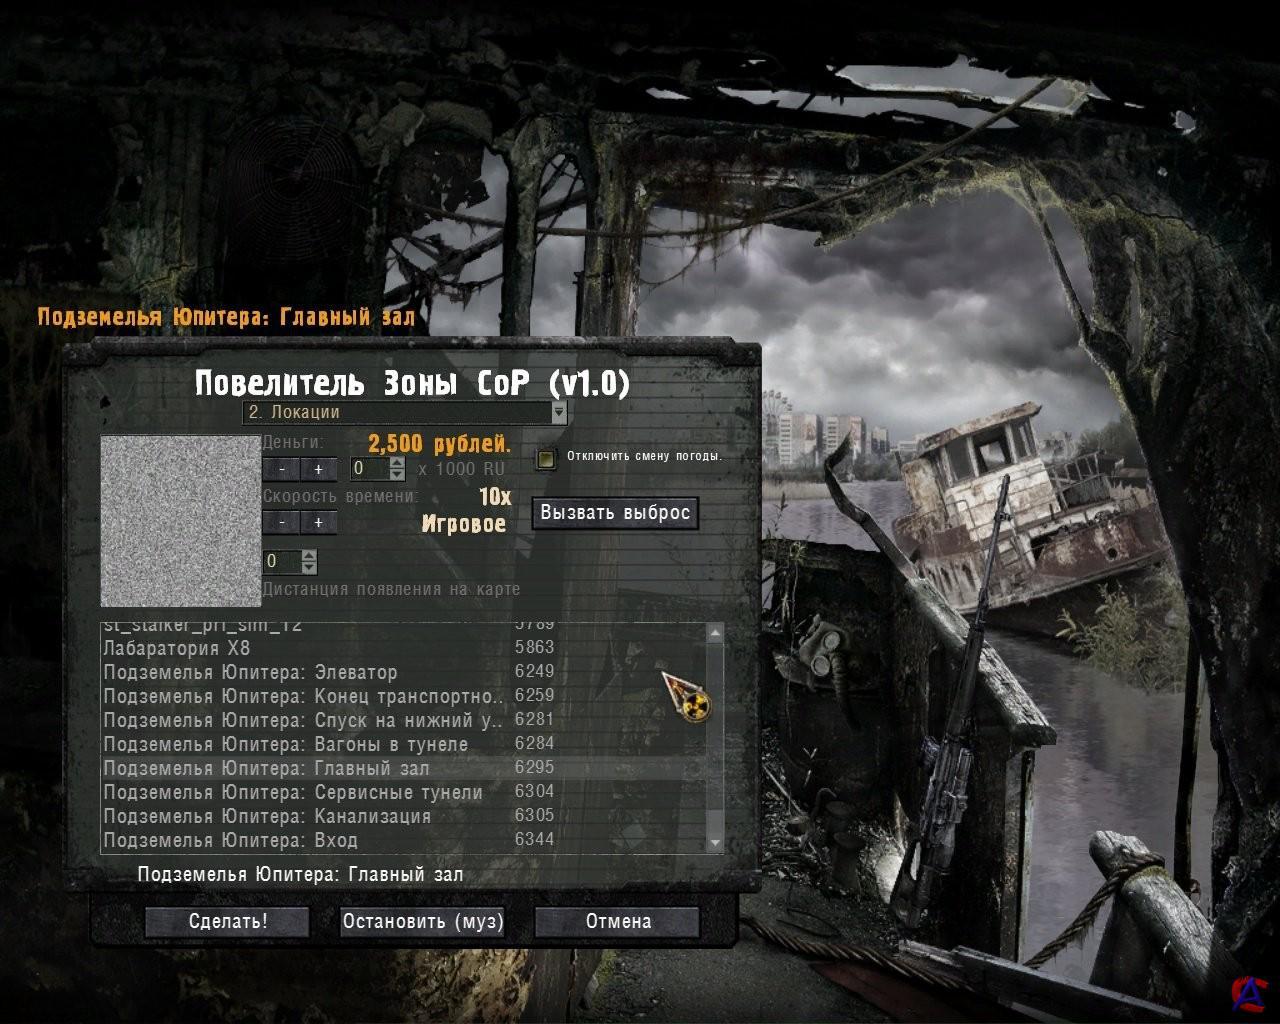 Повелитель Зоны CoP v1.0. Новая игра Версия игры Создавалось на